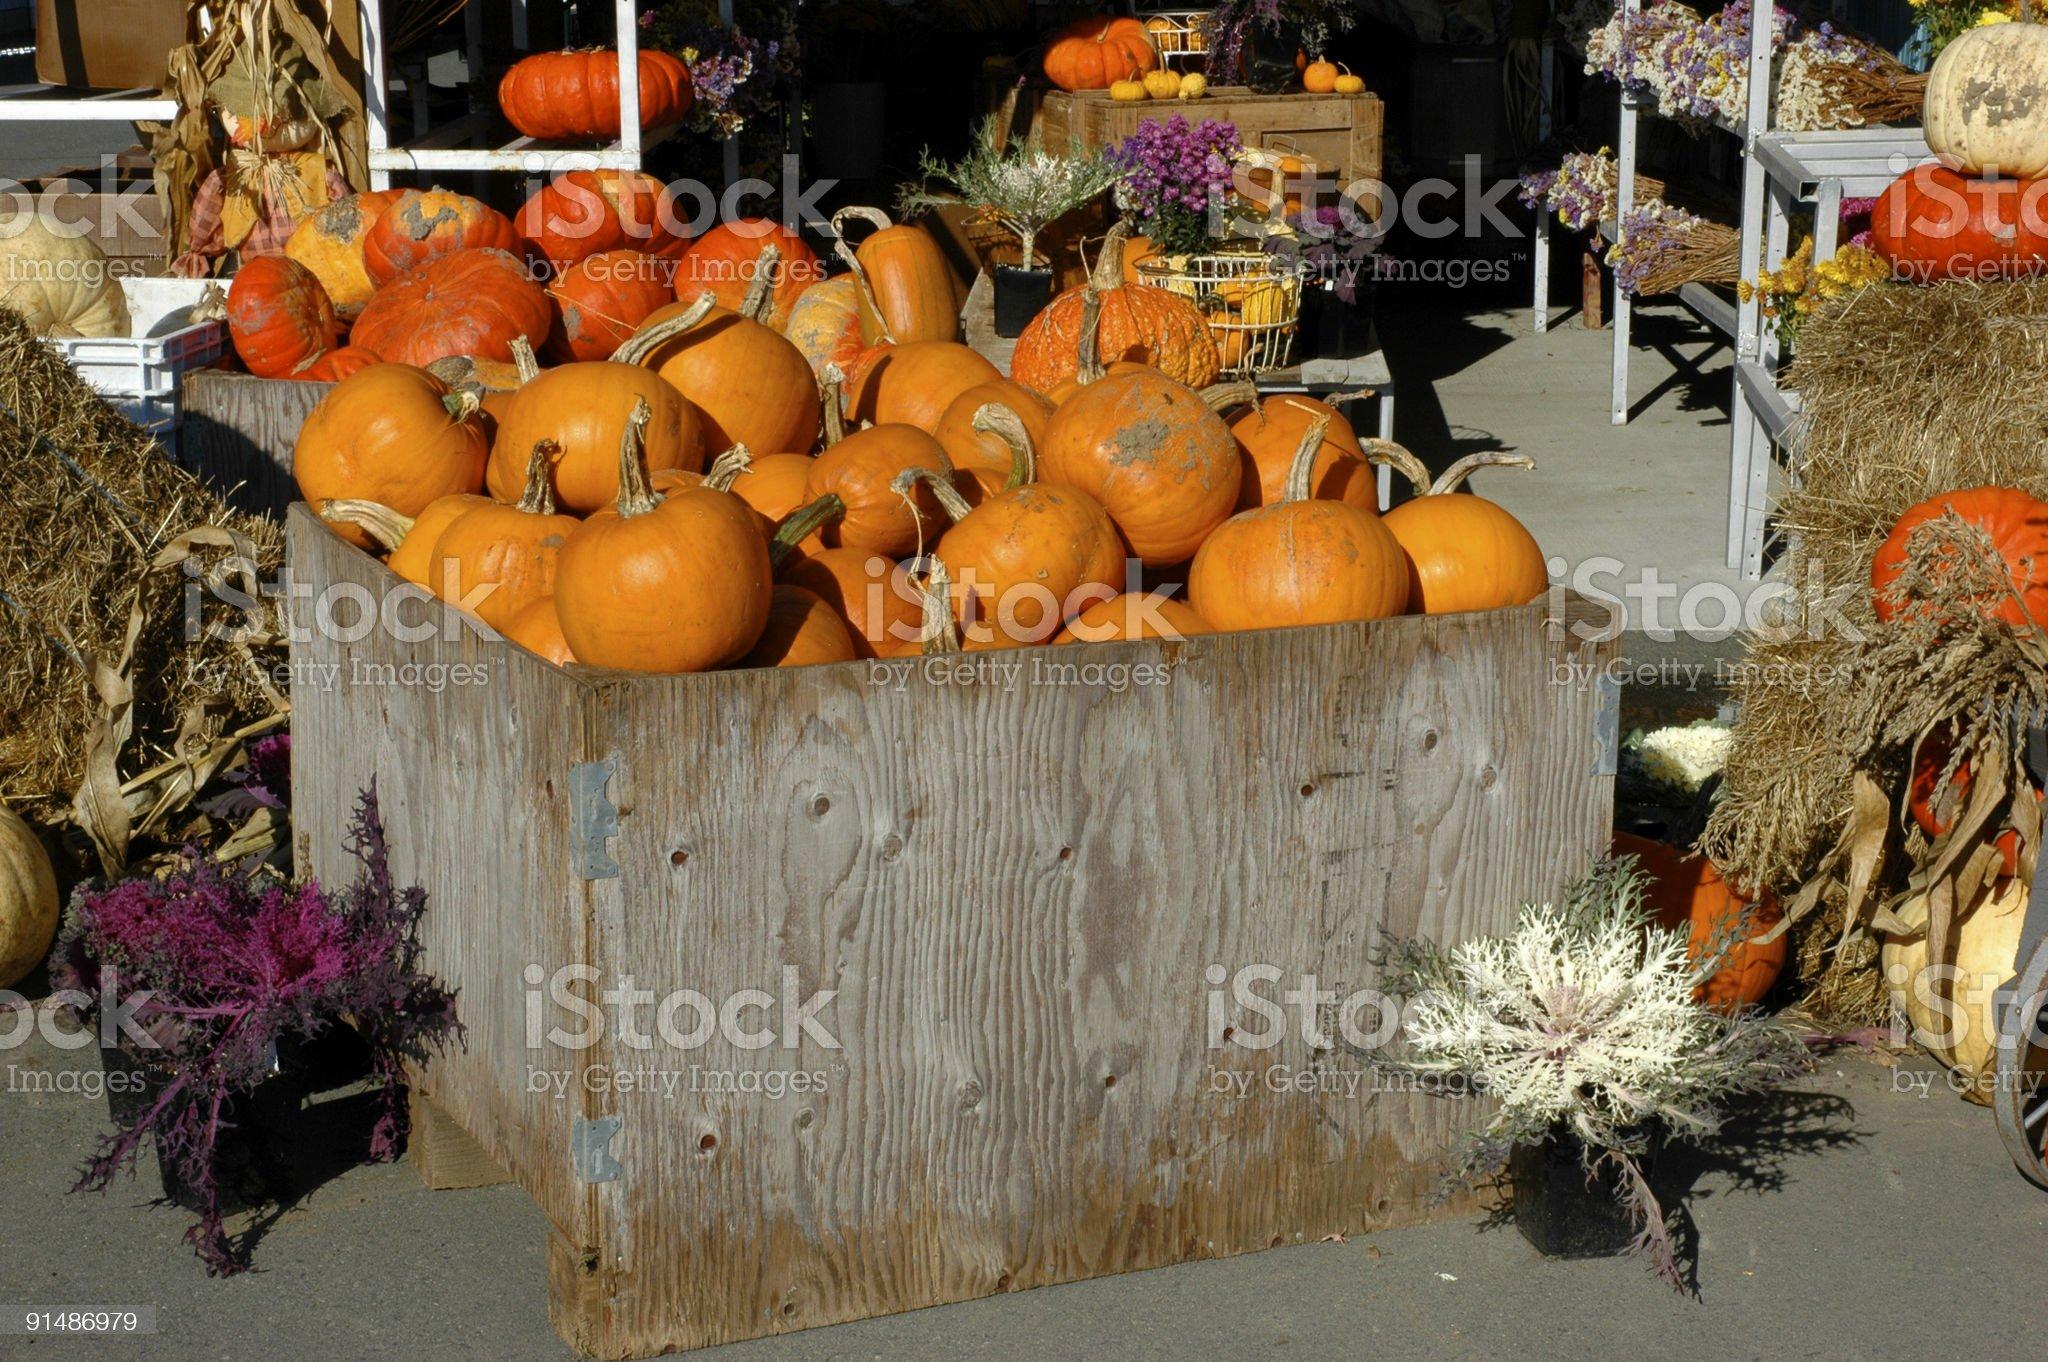 Fall market royalty-free stock photo